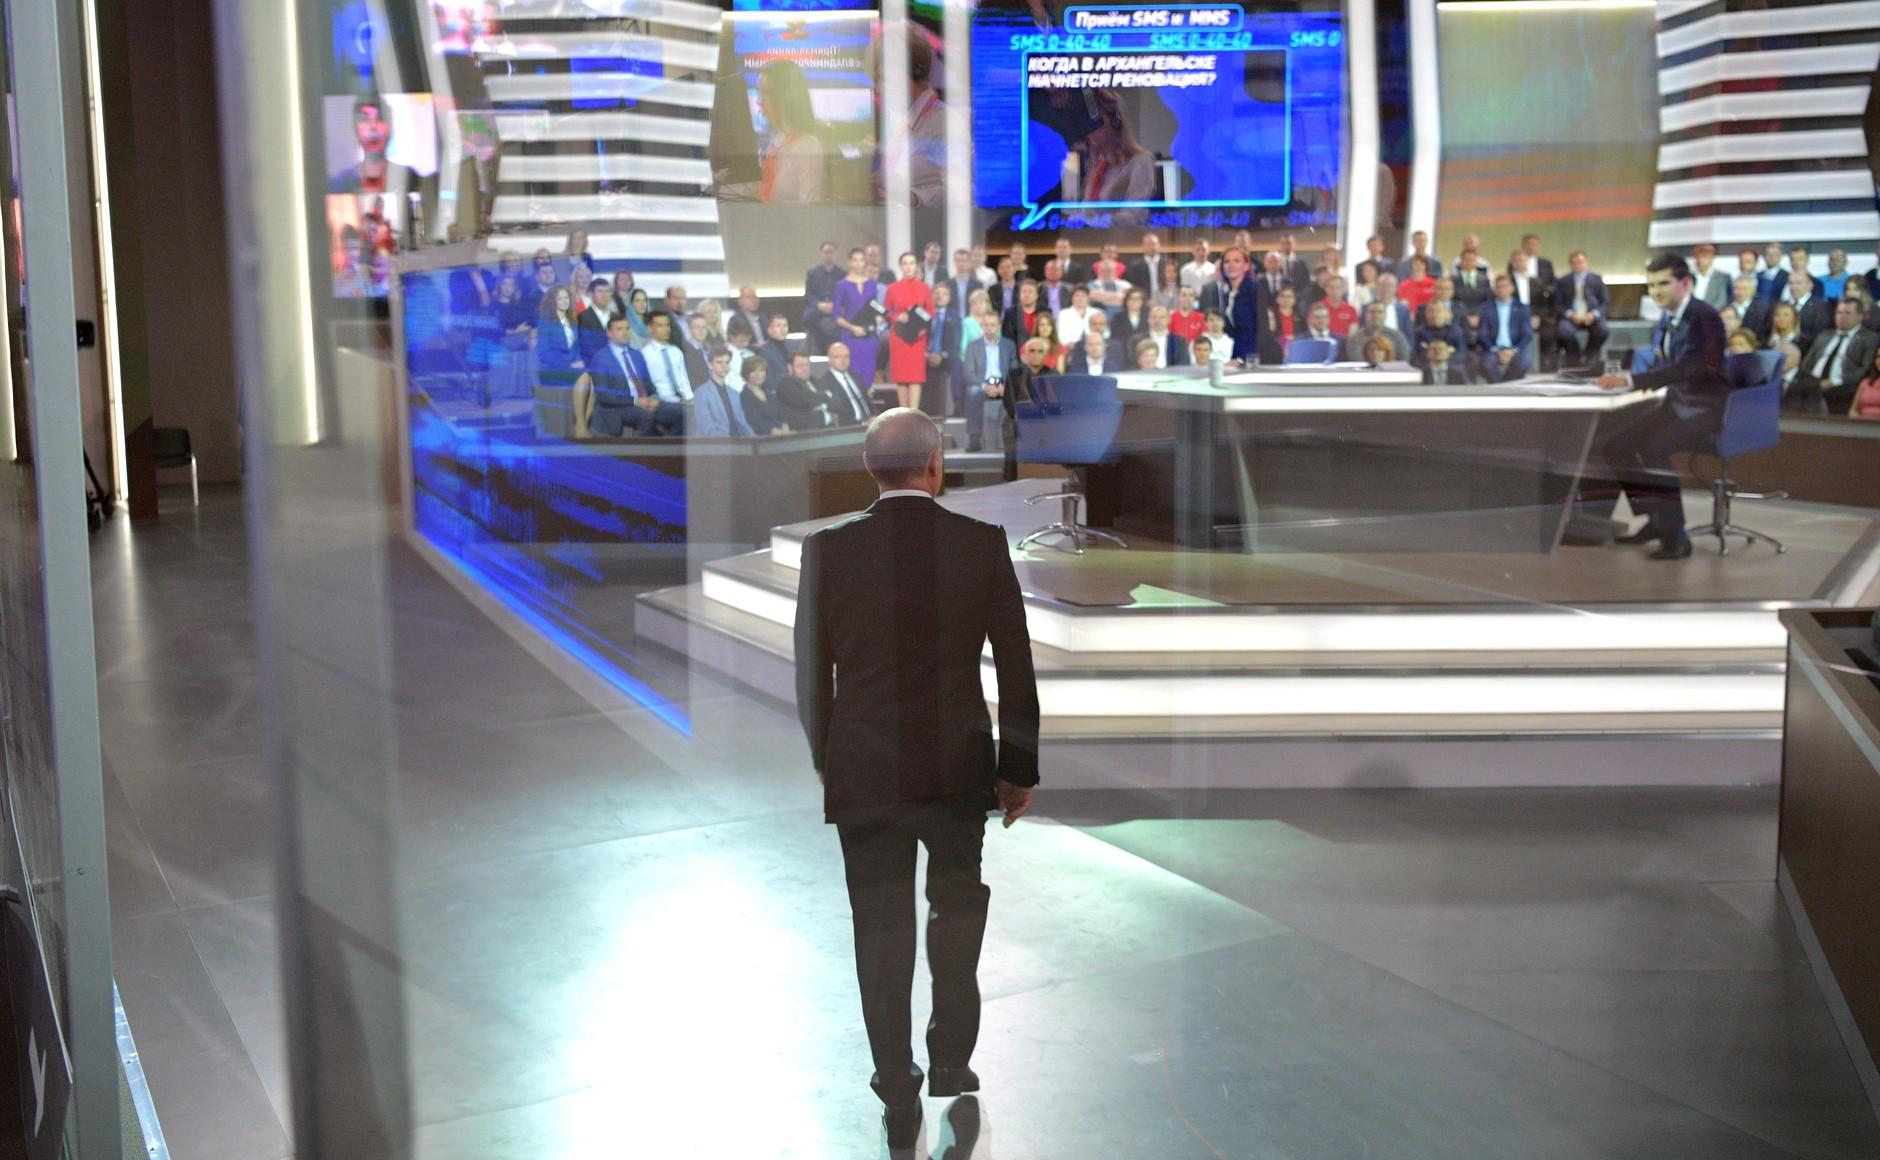 Российский президент понимает противоречия между словами о дружбе и антизападной пропагандой